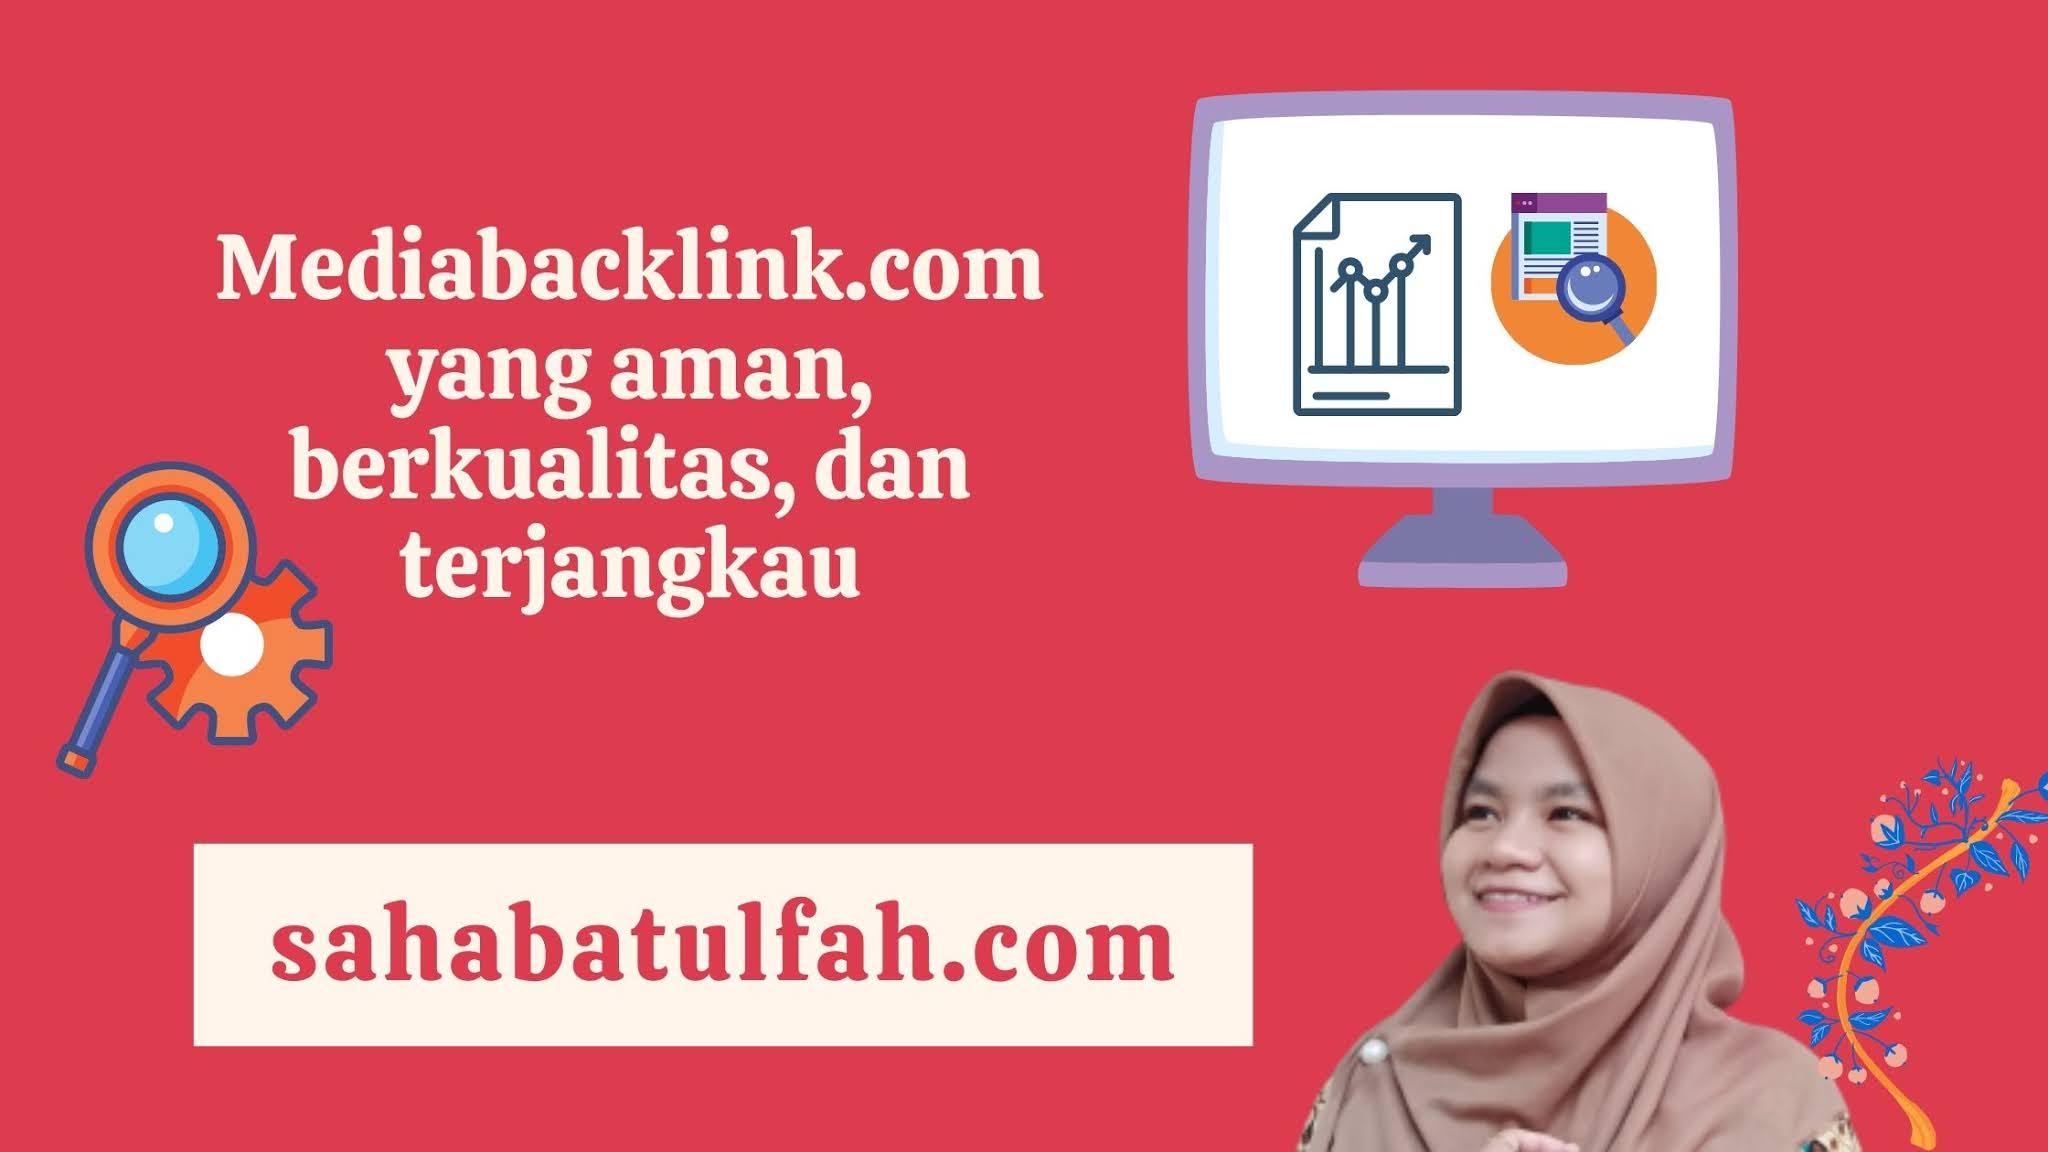 [Review]-Layanan-Mediabacklink.com-Sebagai-Tempat-Terbaik-Para-Advertiser-dan-Blogger